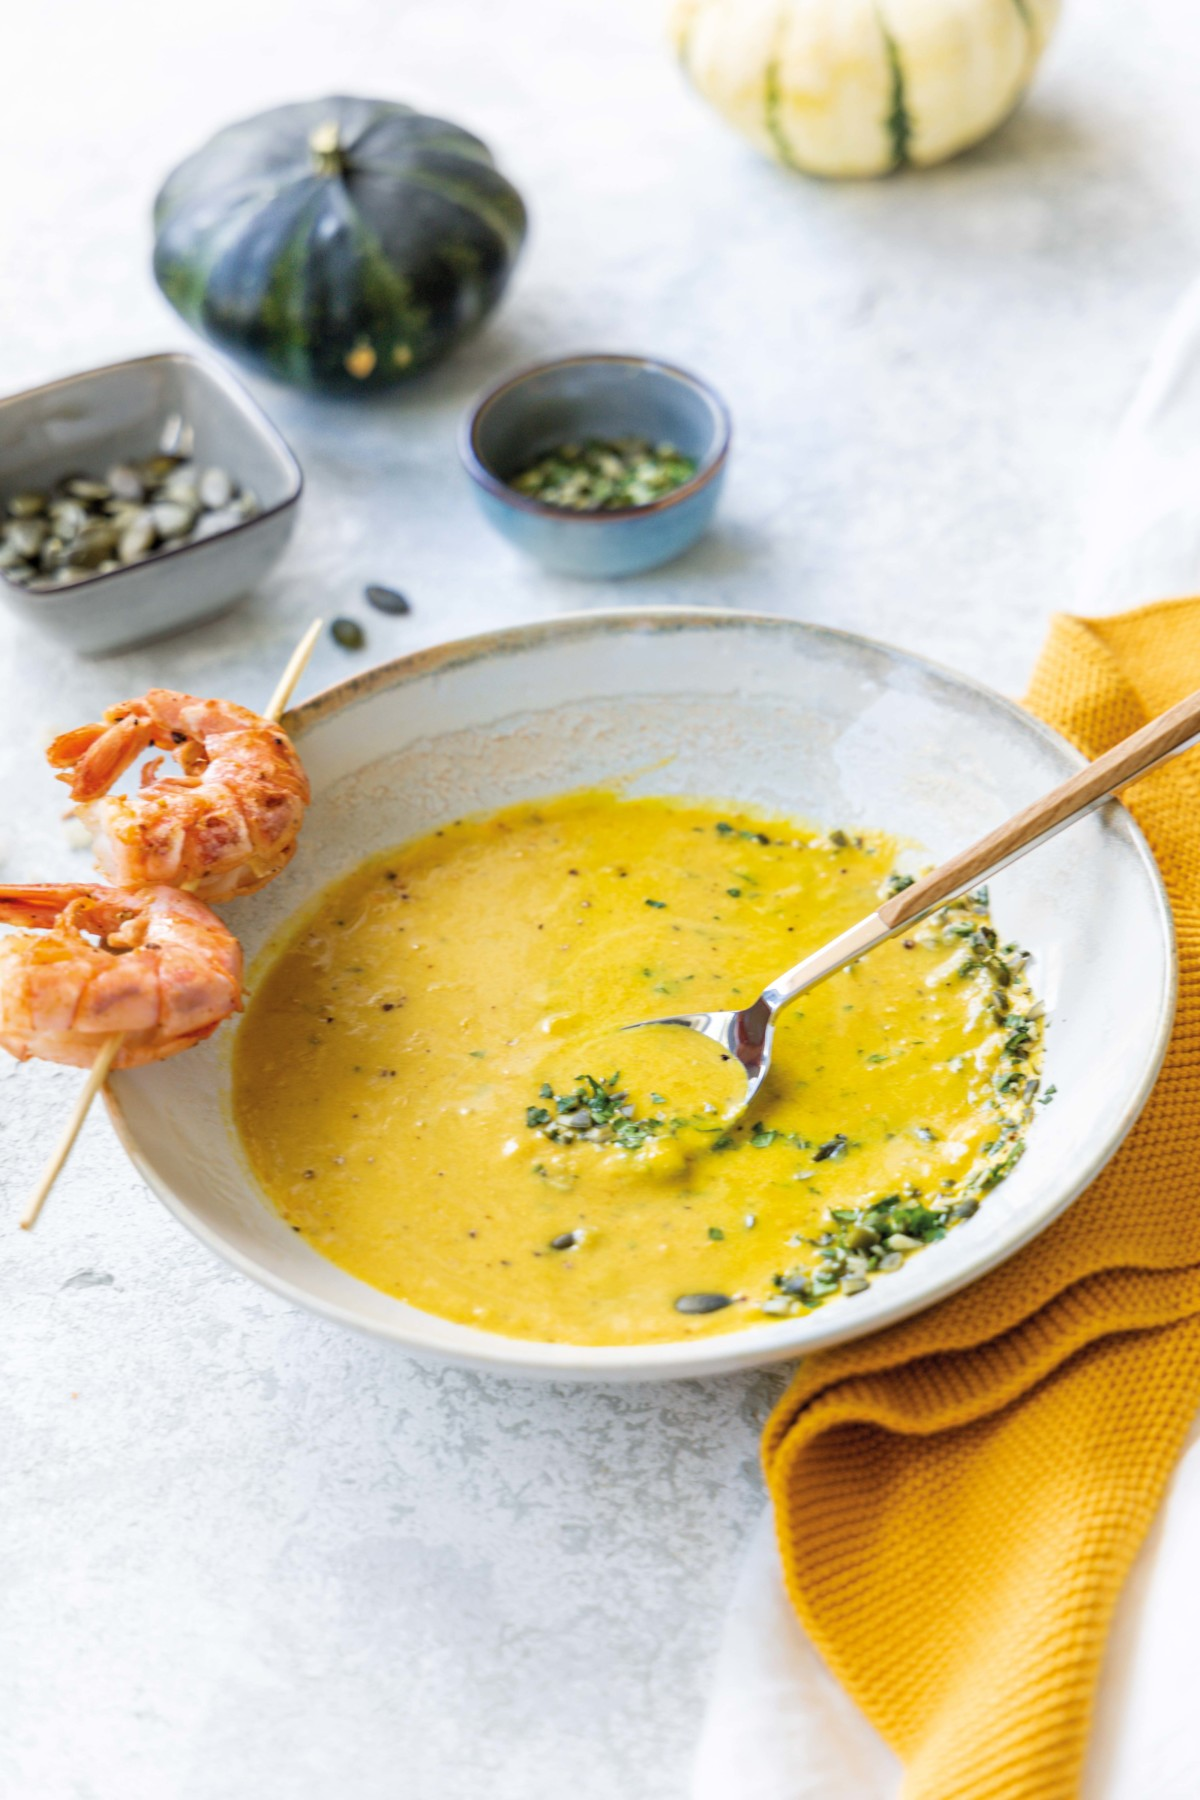 Schnelle Kürbissuppe mit Kokos und Garnelen // Pumpkin coconut soup with coriander an kingprawns by https://babyrockmyday.com/kuerbissuppe-mit-kokos-und-garnelen/